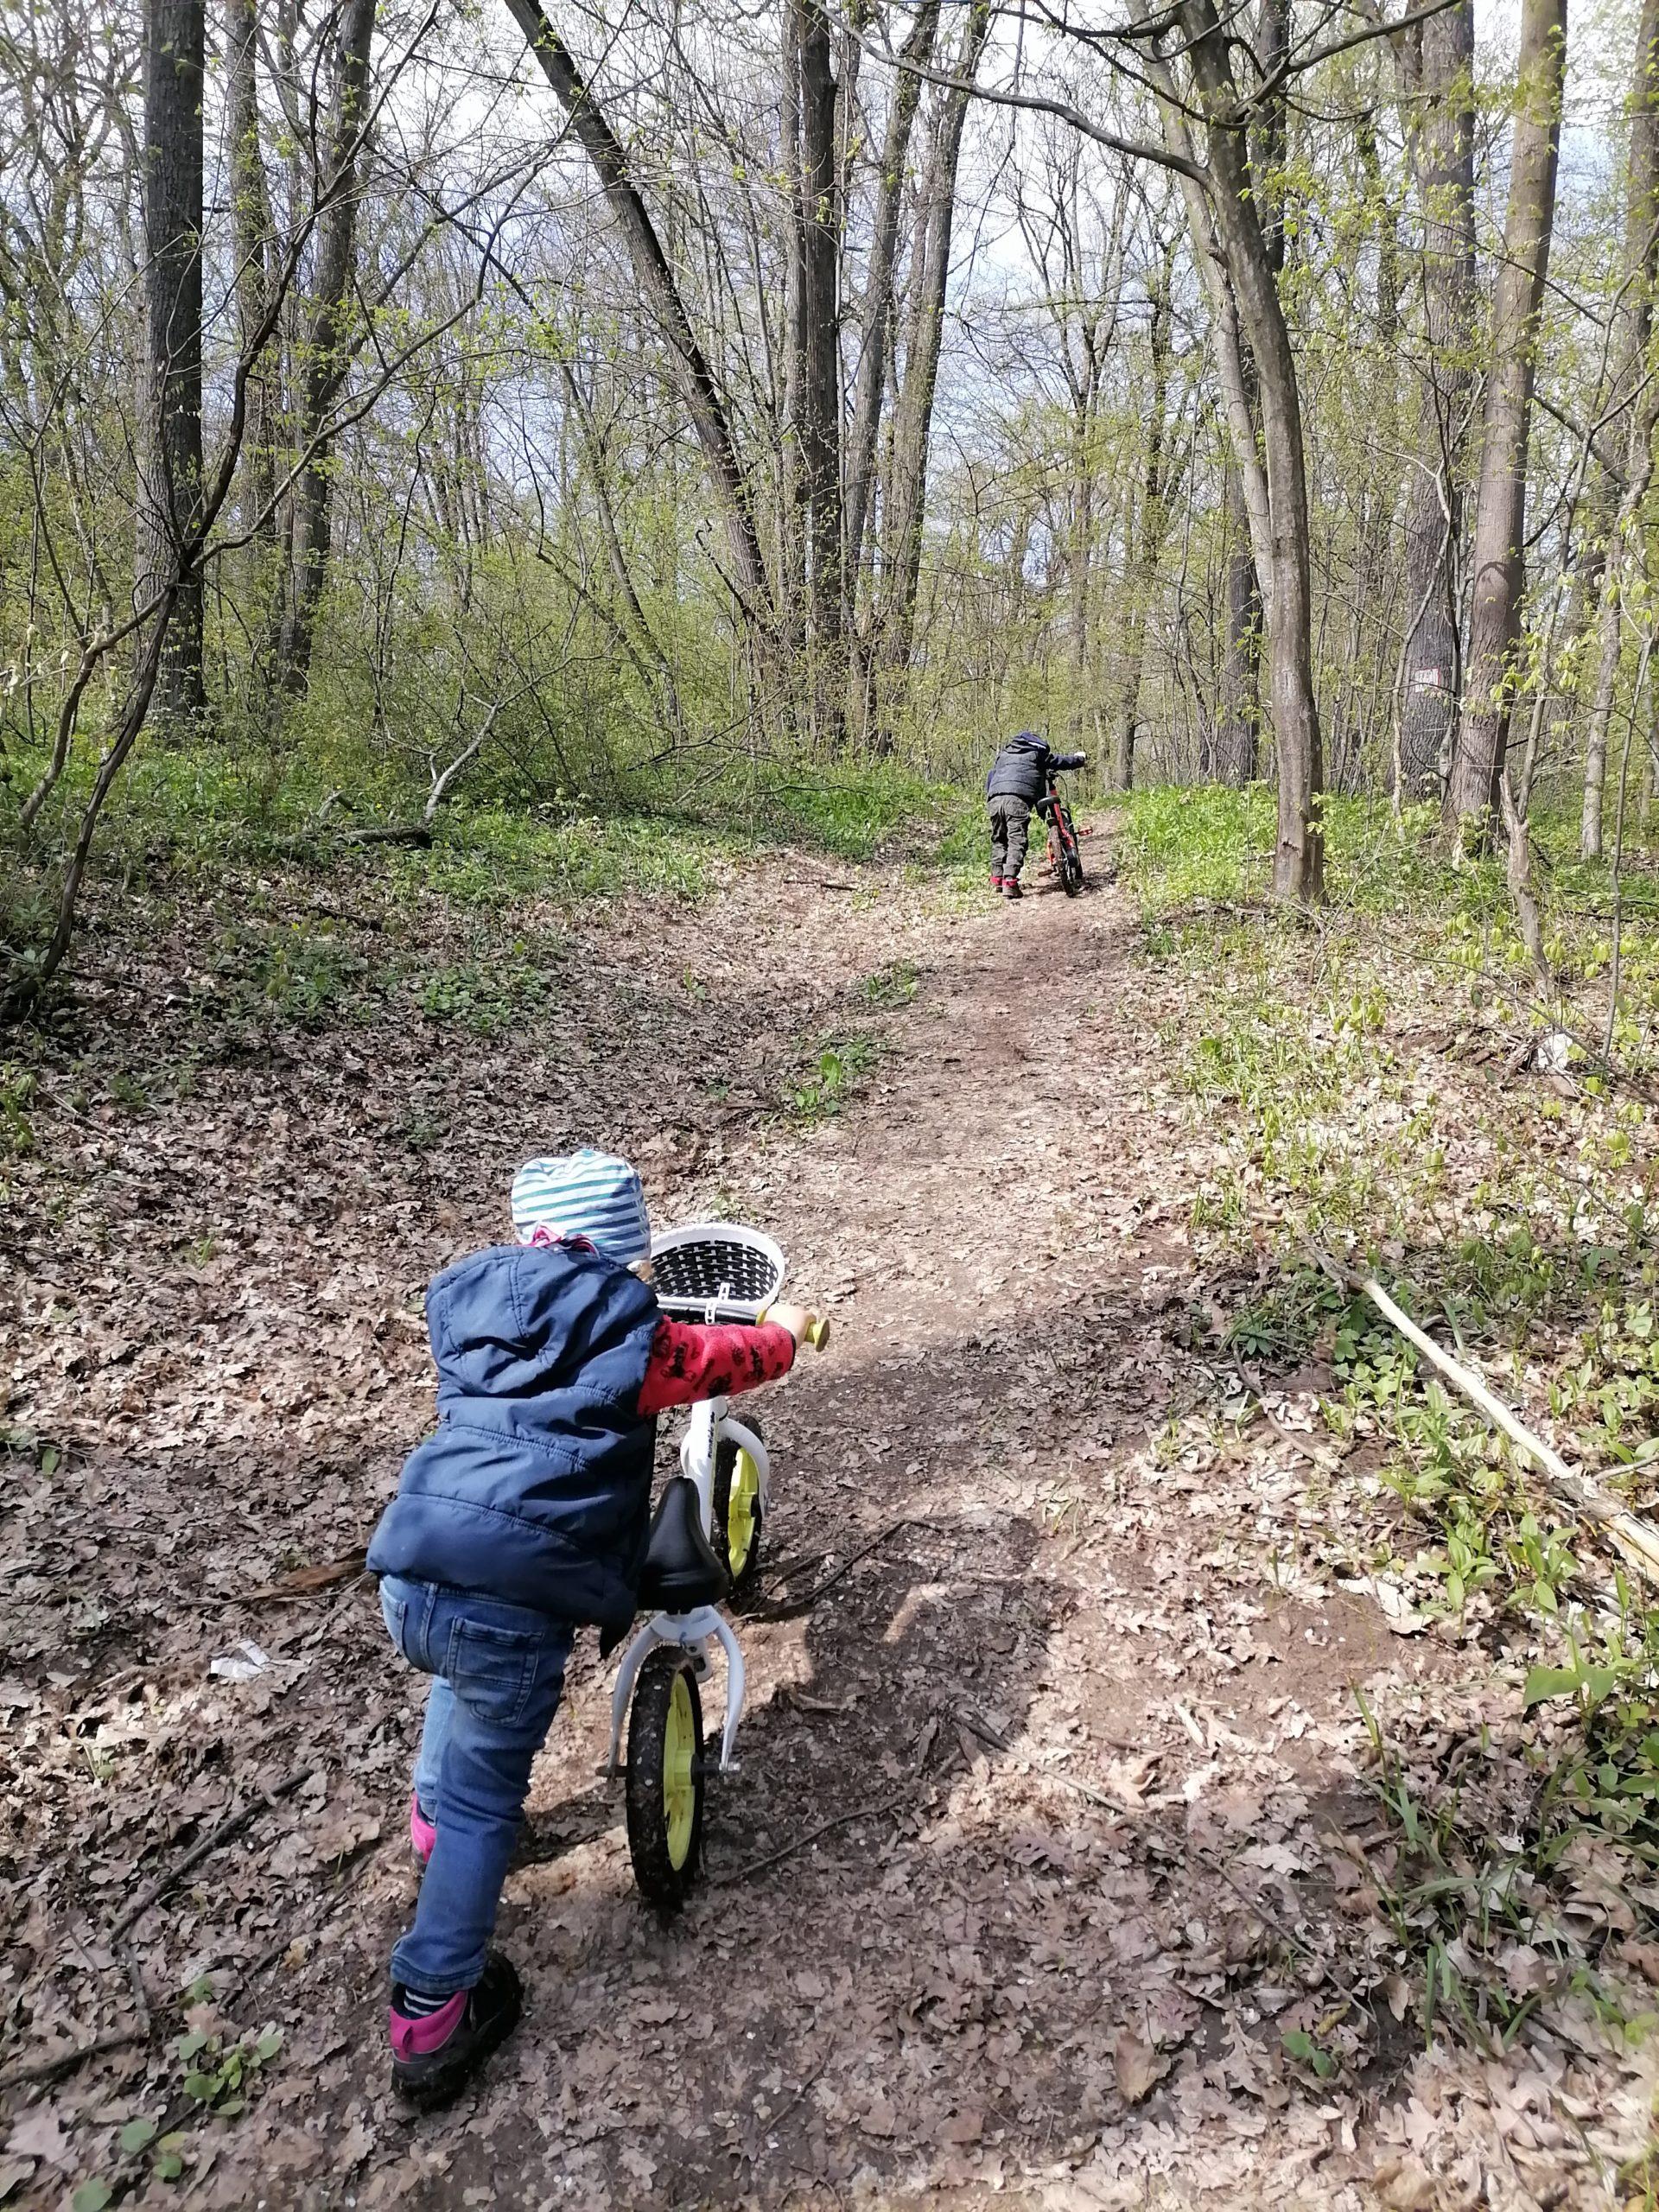 off-road cu biciclete prin pădure după leurda